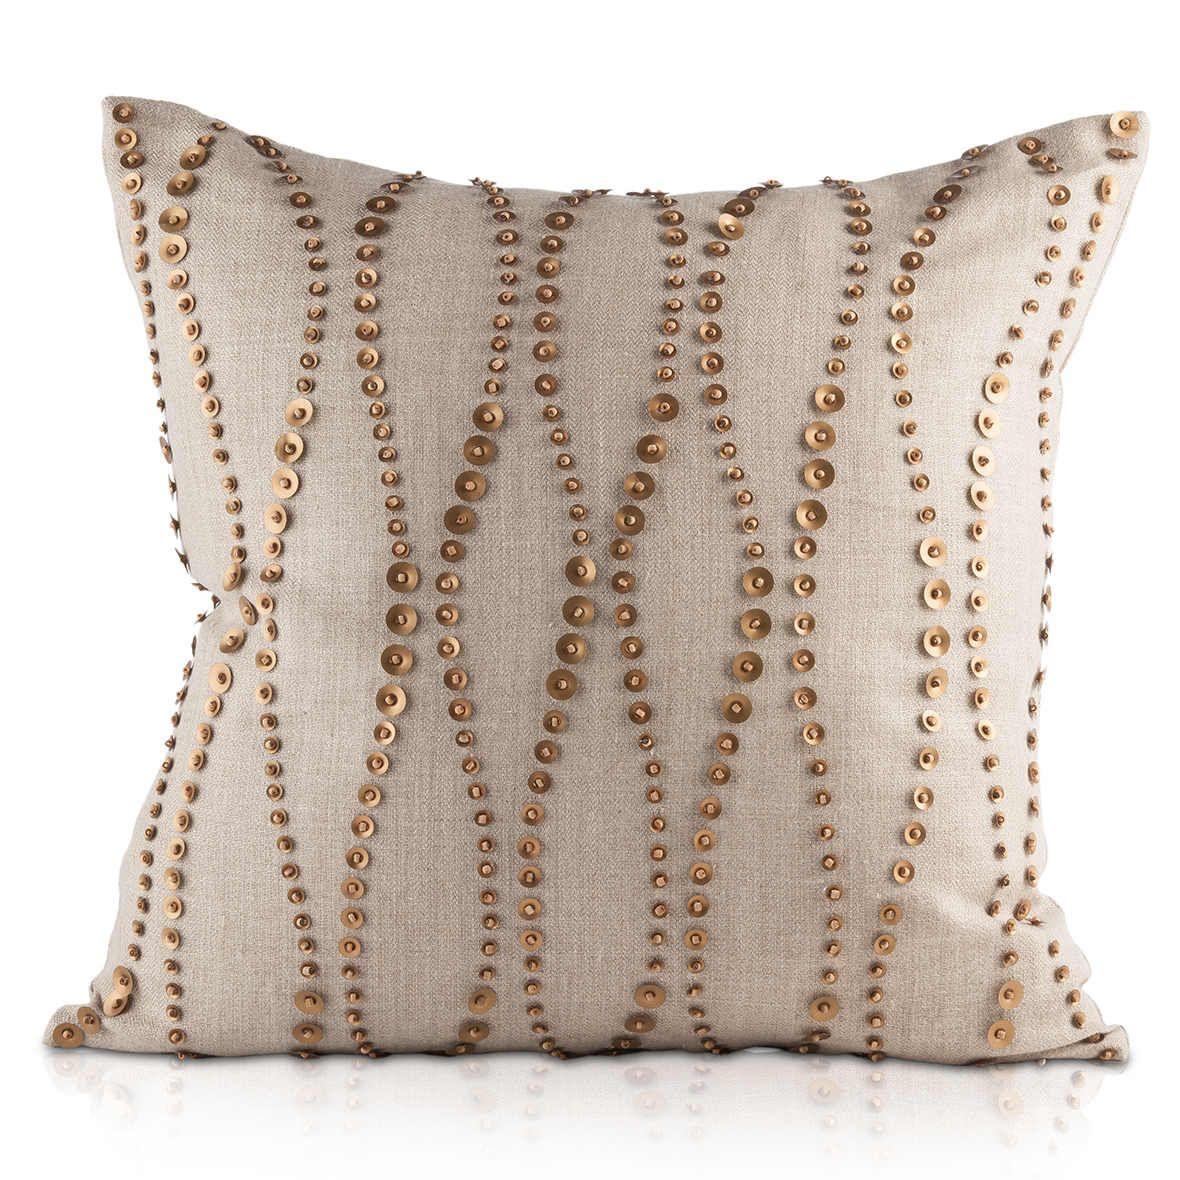 Pyar & Co. Lakari Decorative Pillow